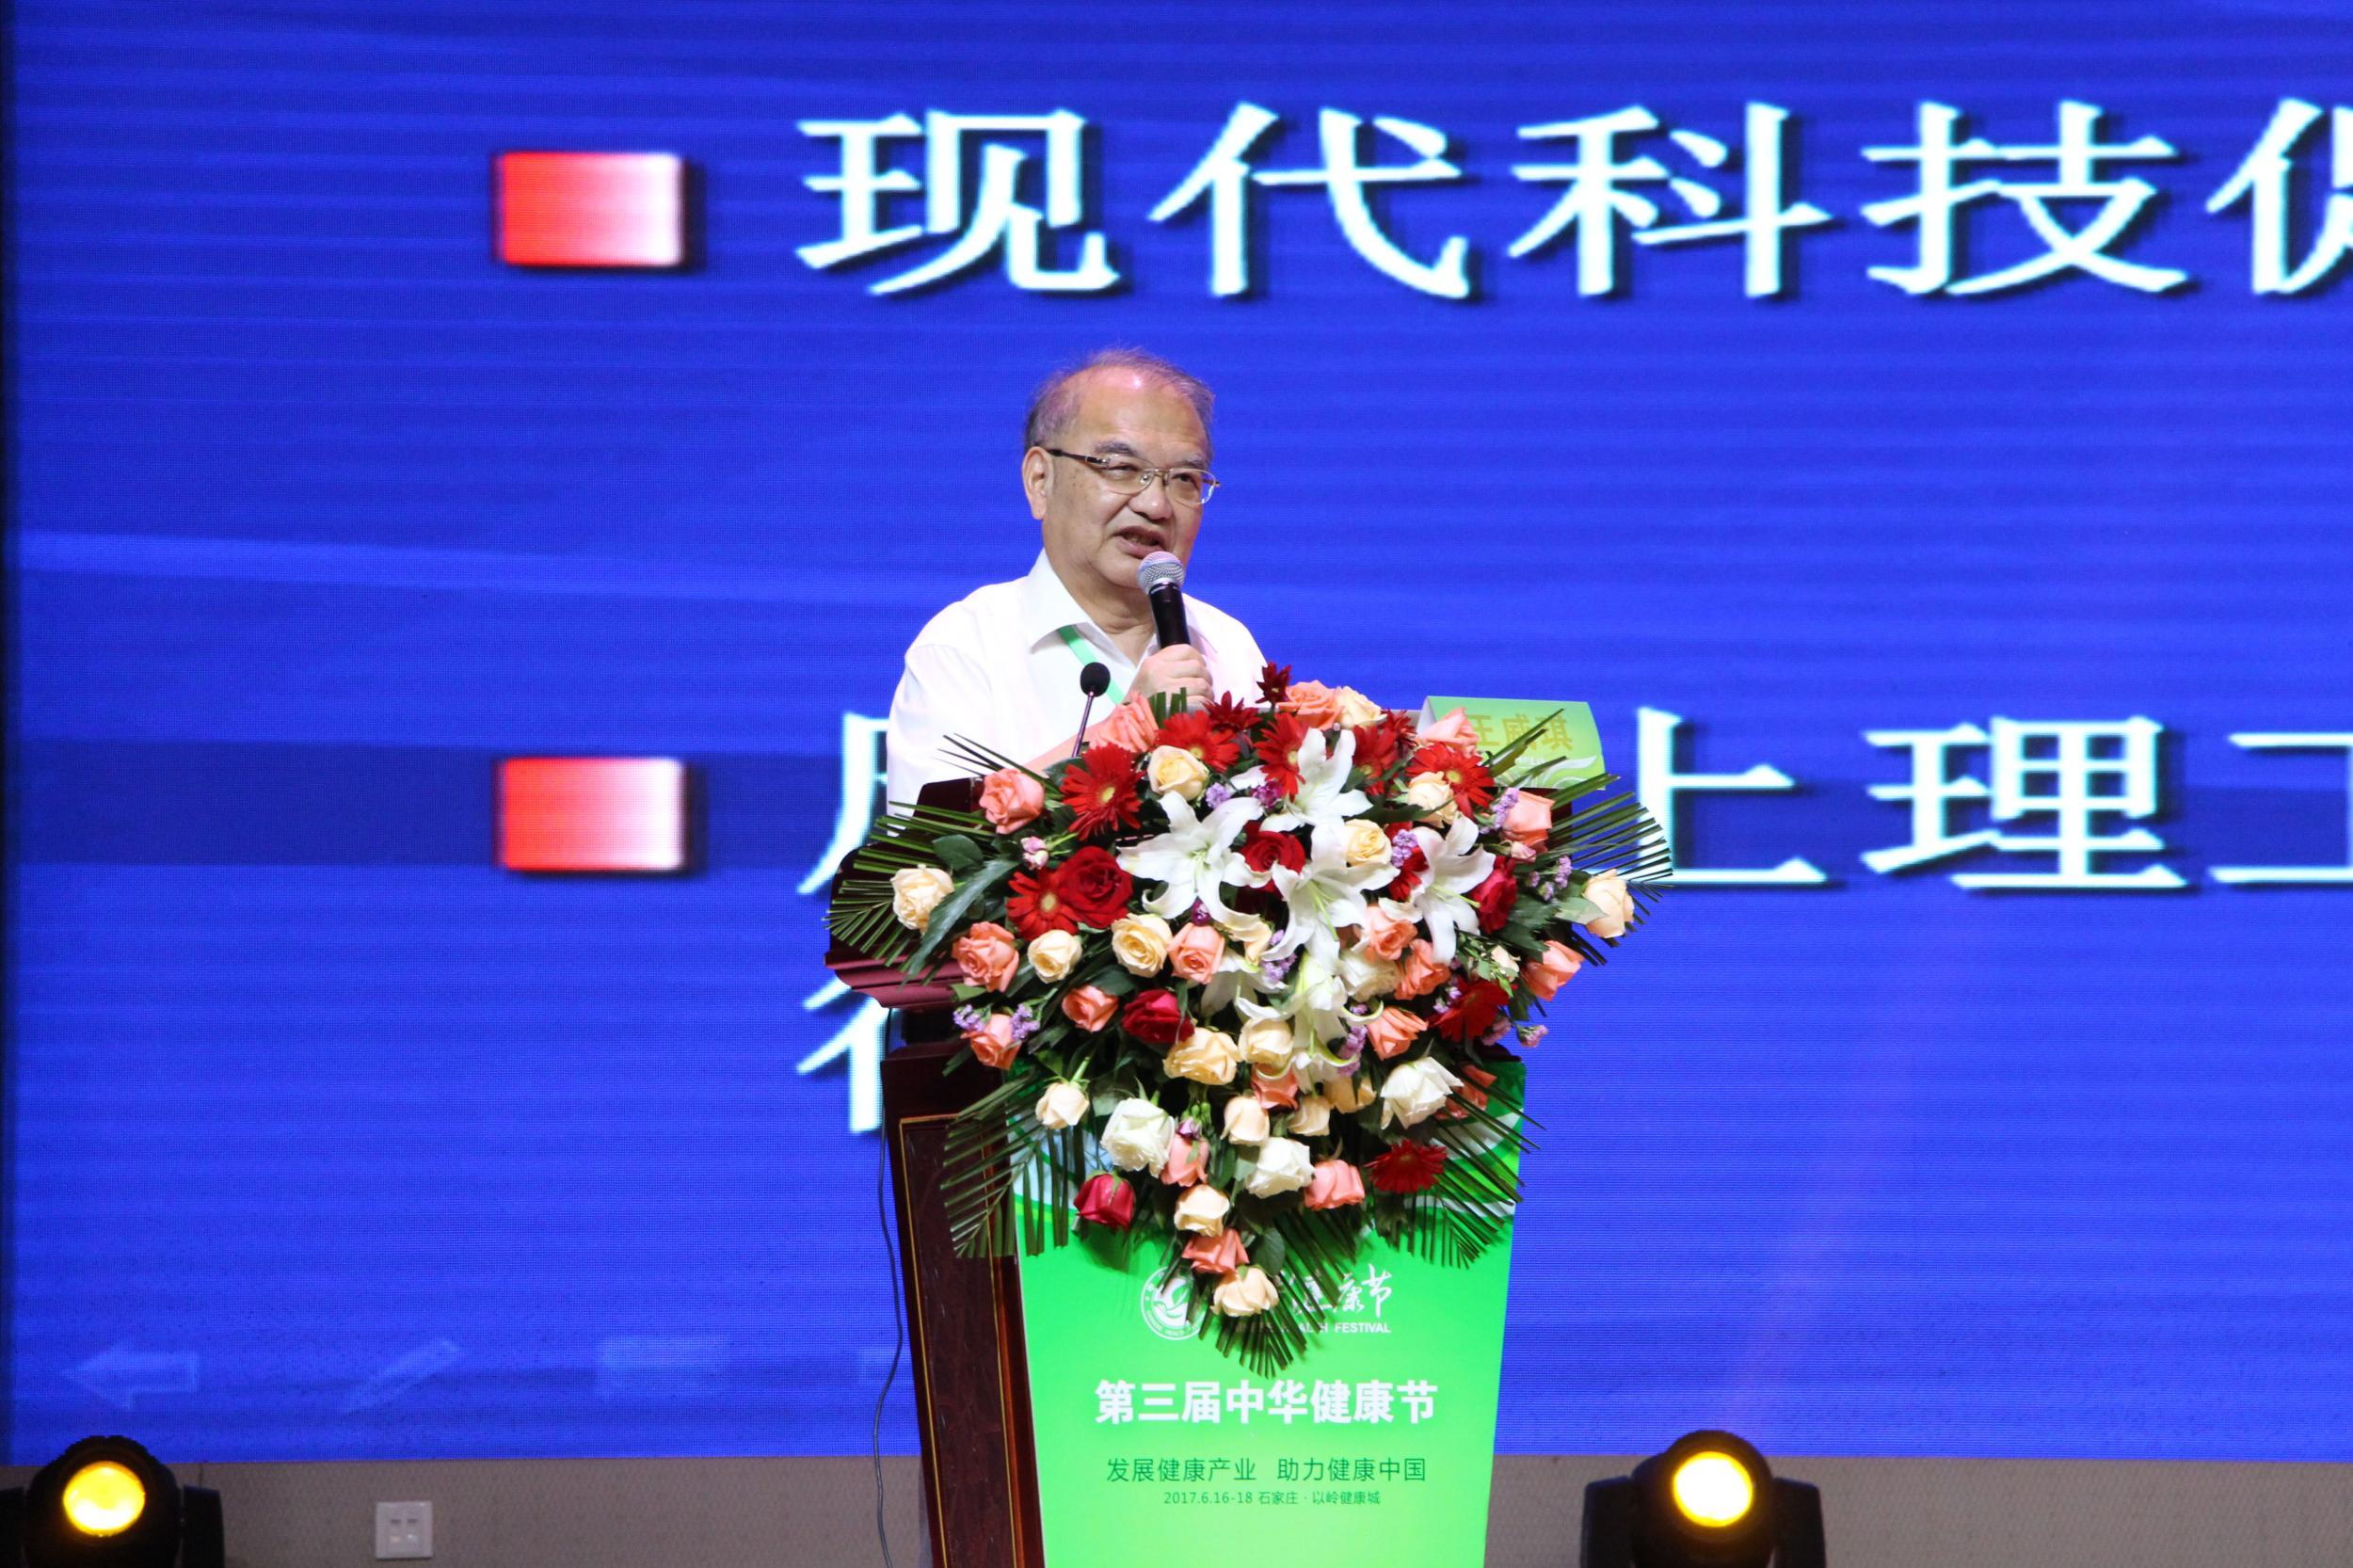 王威琪:对生物医学工程有关问题的认识